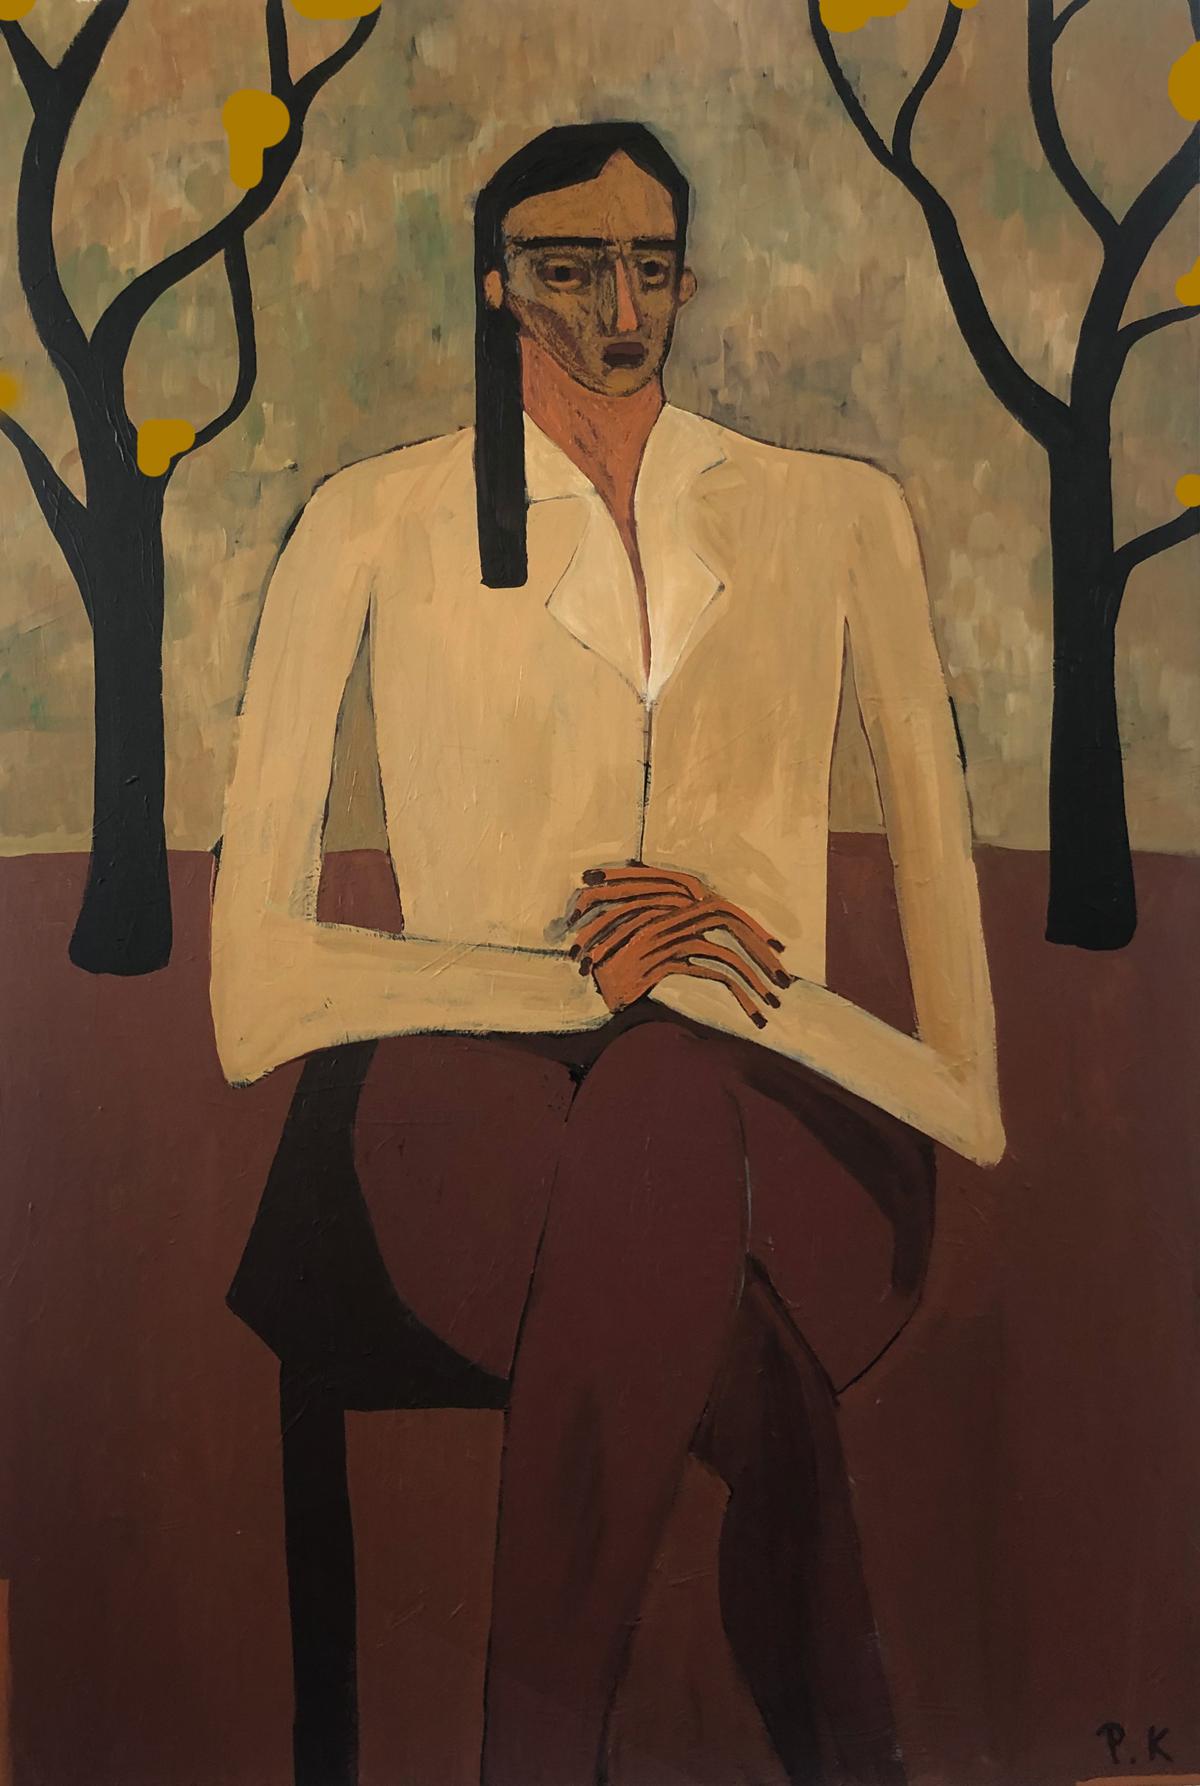 Self-portrait #3 - Peggy Kuiper - peggykuiper.com